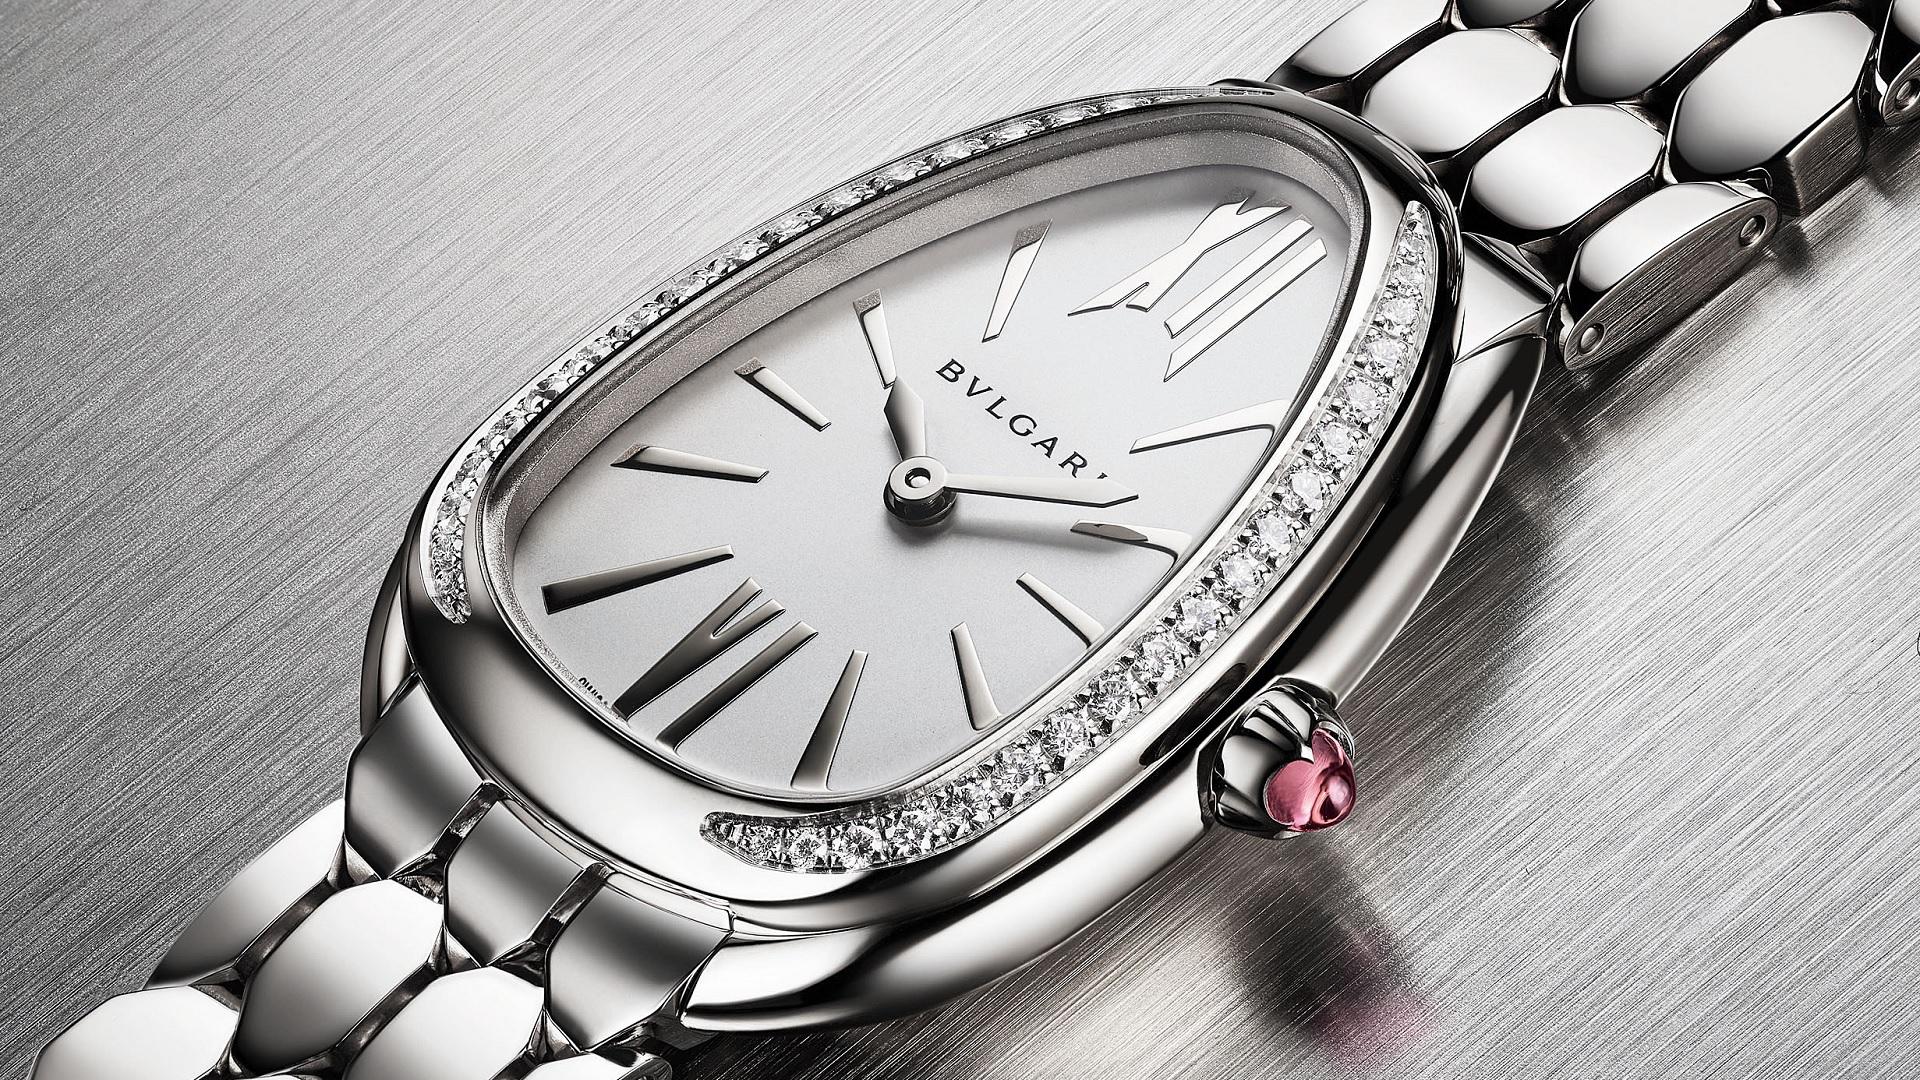 Nueva colección de relojes Bvlgari en la Watch Week de Dubai 2020